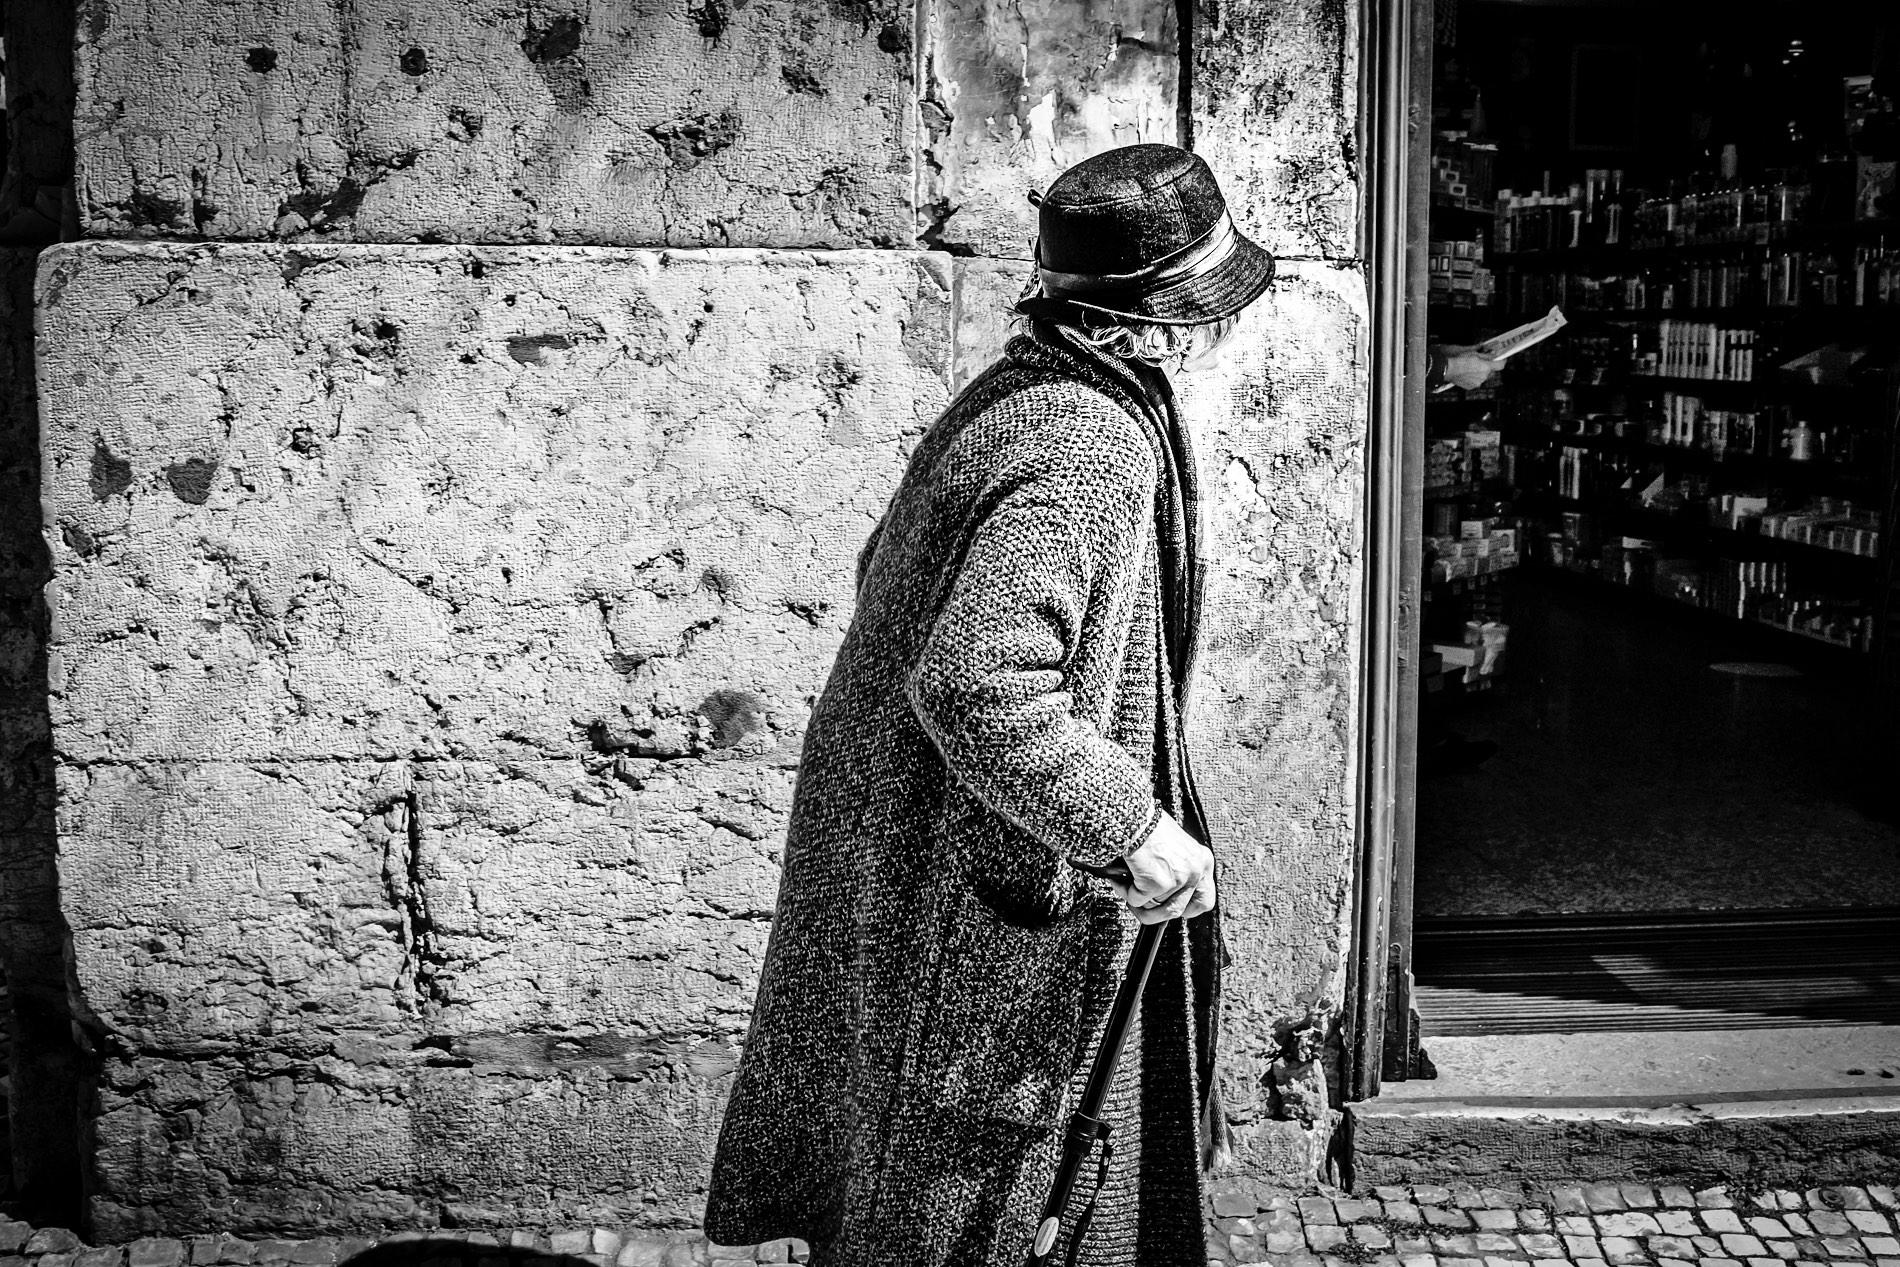 Lissabon_Lisbon_street_portrait_martinfrick-1377